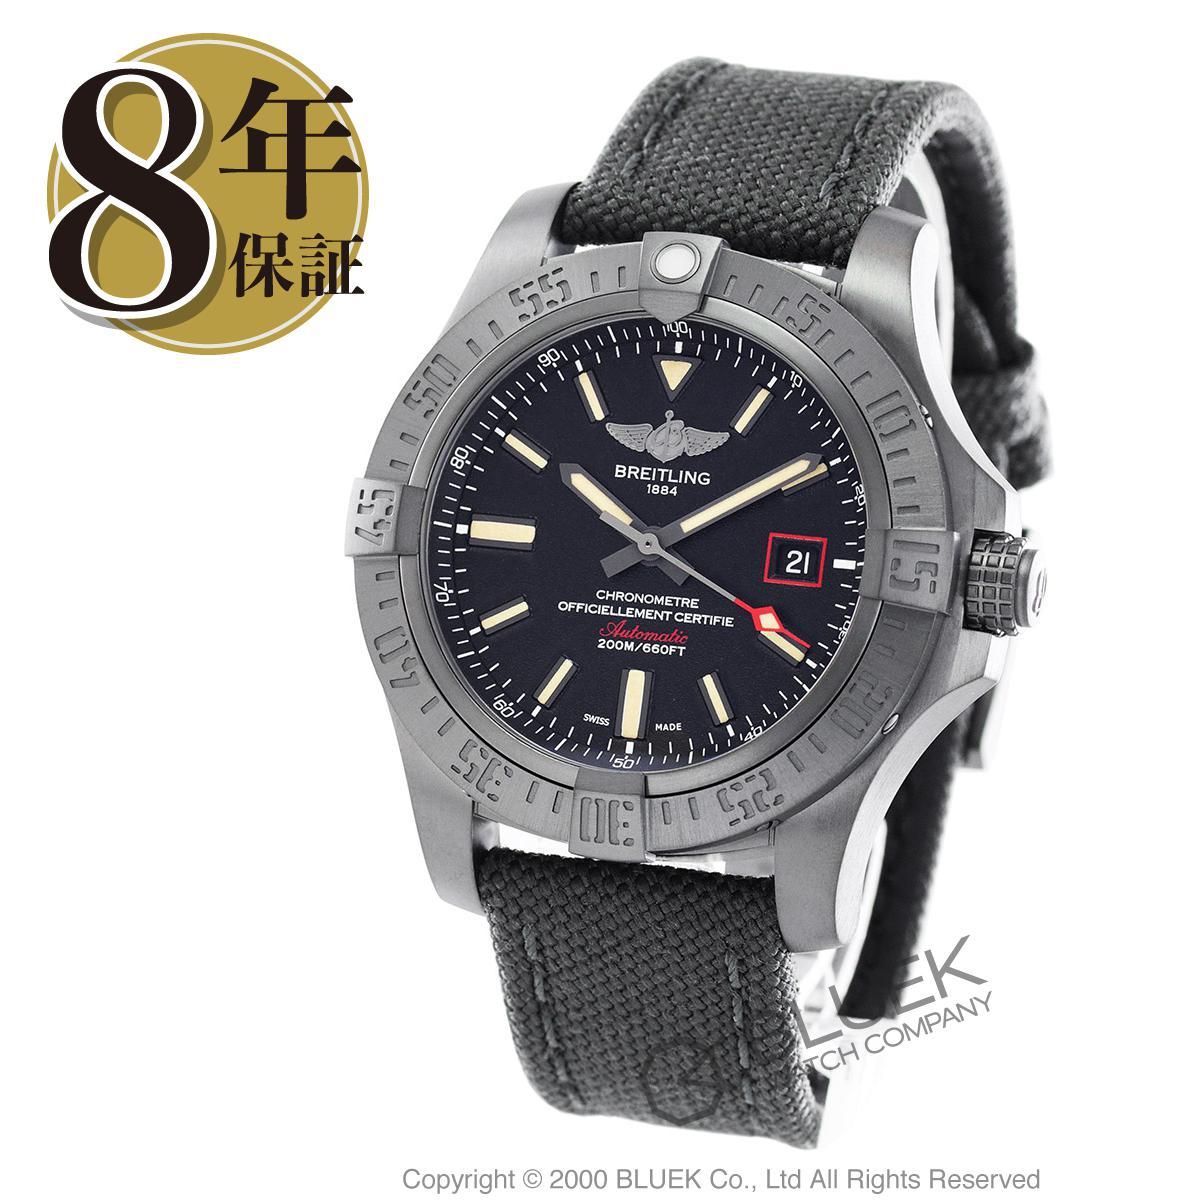 【3,000円OFFクーポン対象】ブライトリング アベンジャー ブラックバード 44 腕時計 メンズ BREITLING V171B74MMA_8